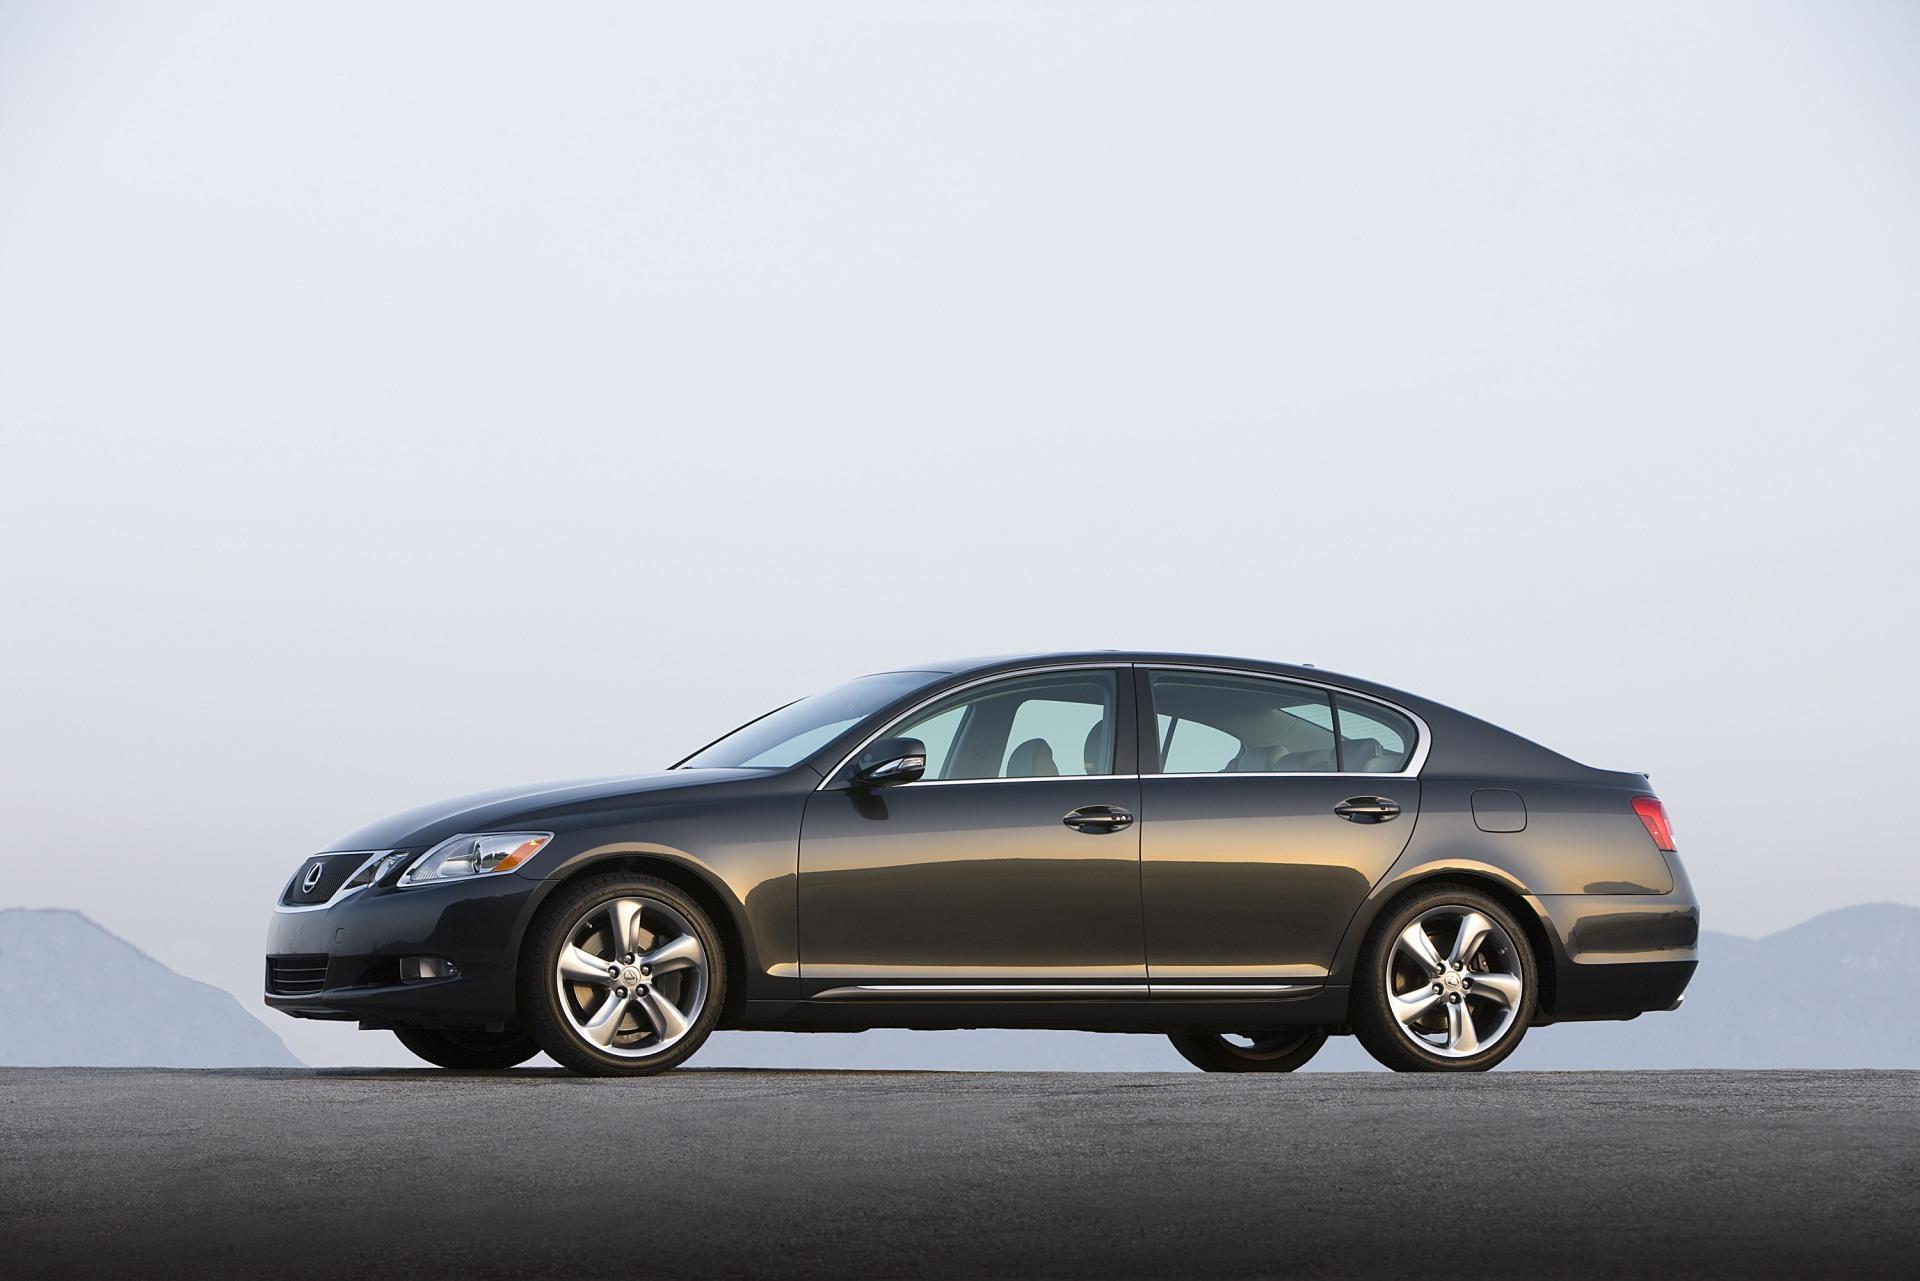 https://www.conceptcarz.com/images/Lexus/Lexus_GS350-2009-Image-01.jpg